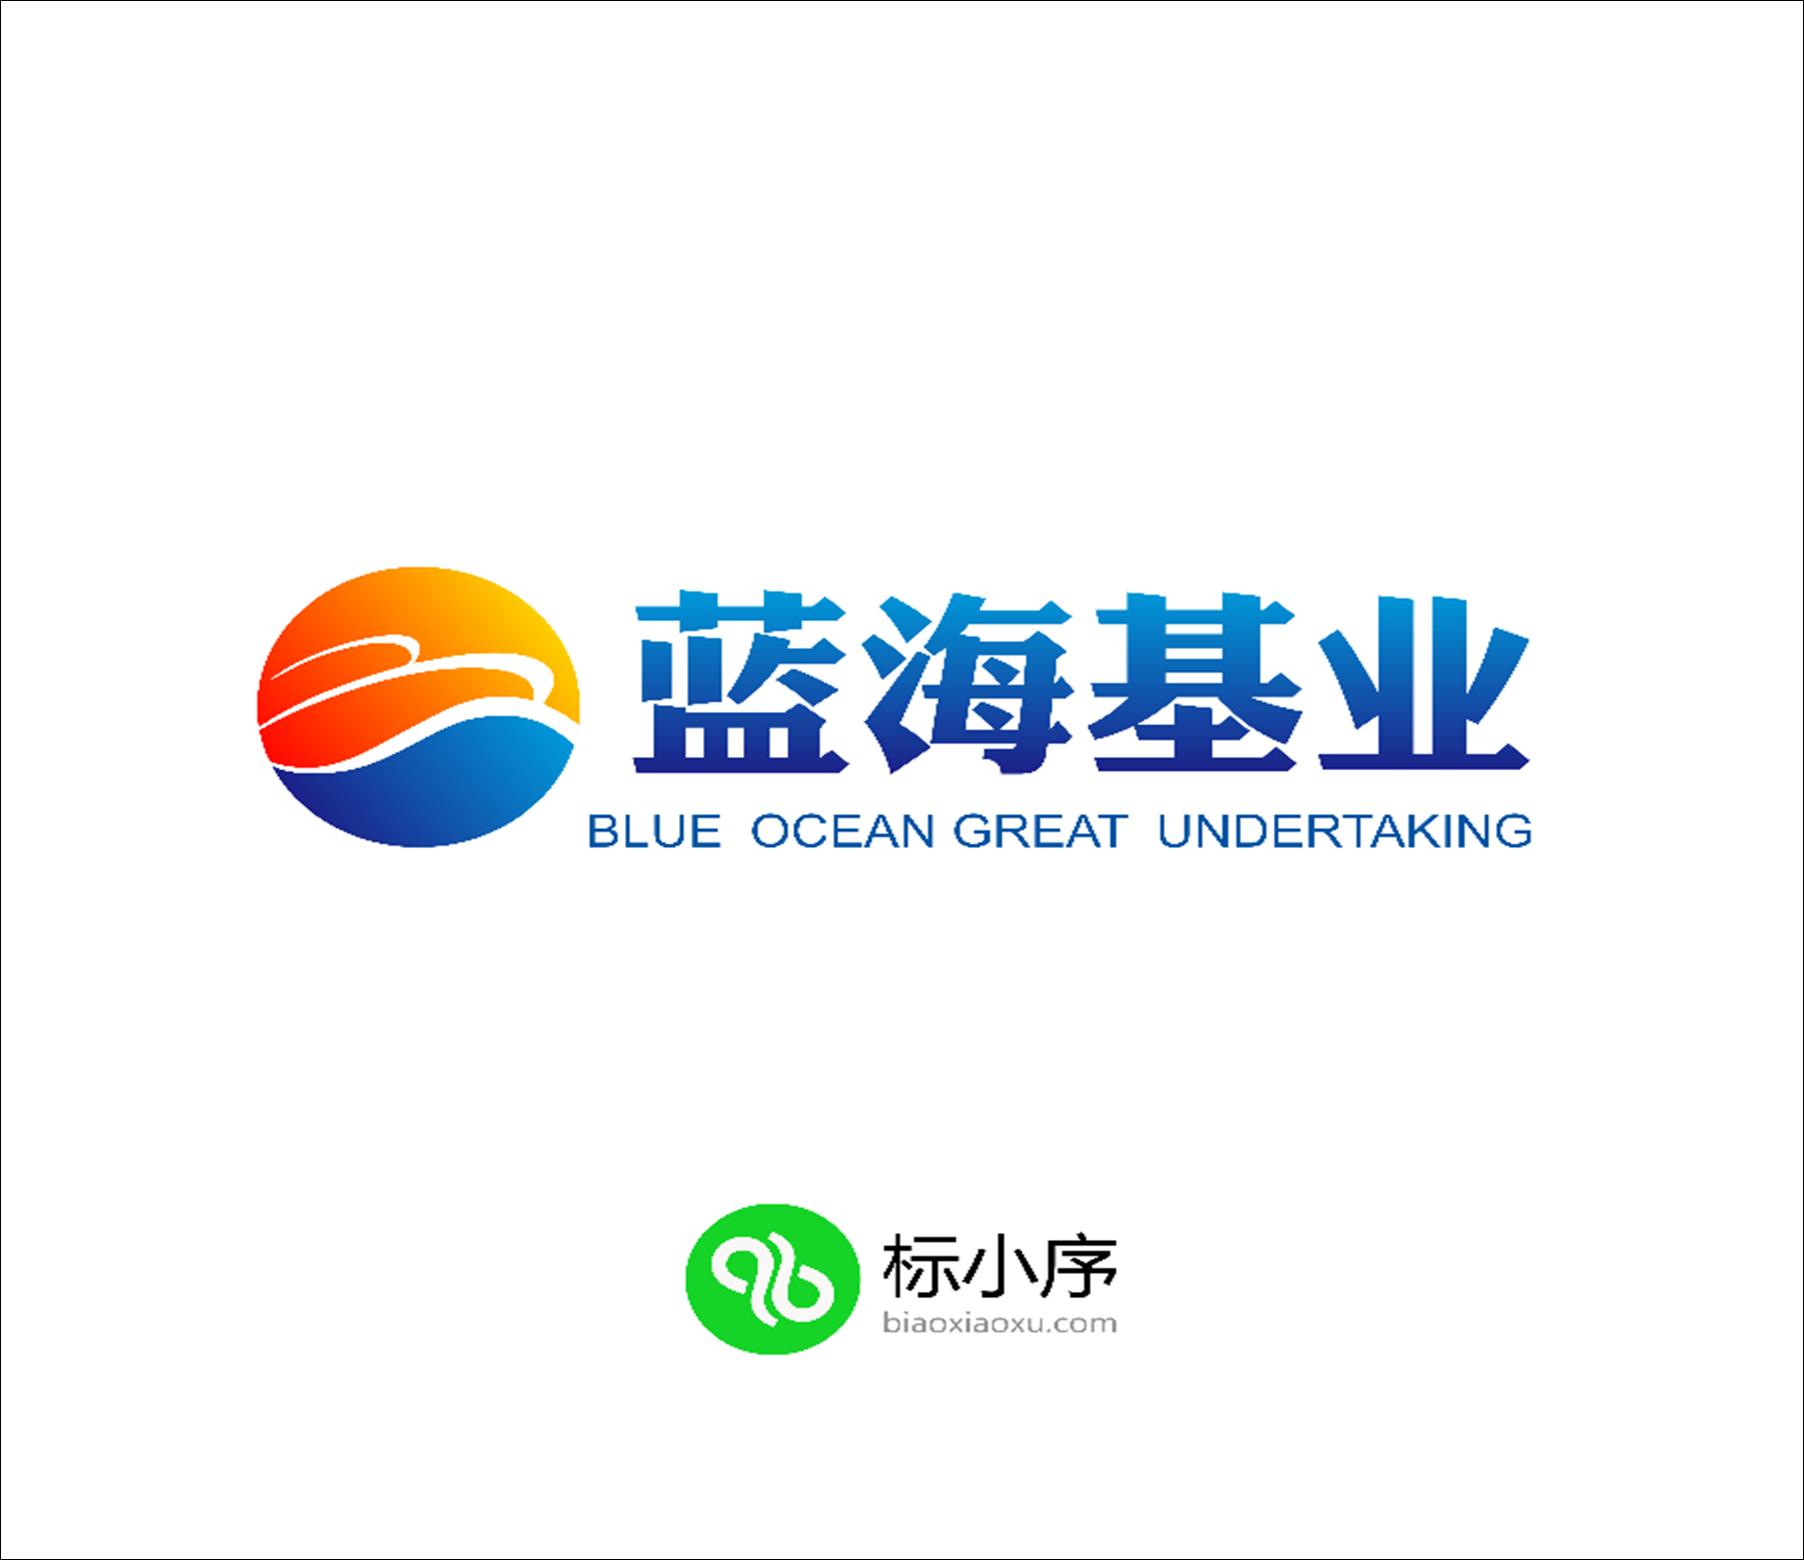 微信小程序加盟合作方式/郑州小程序开发工具代理/北京蓝海基业科技有限公司